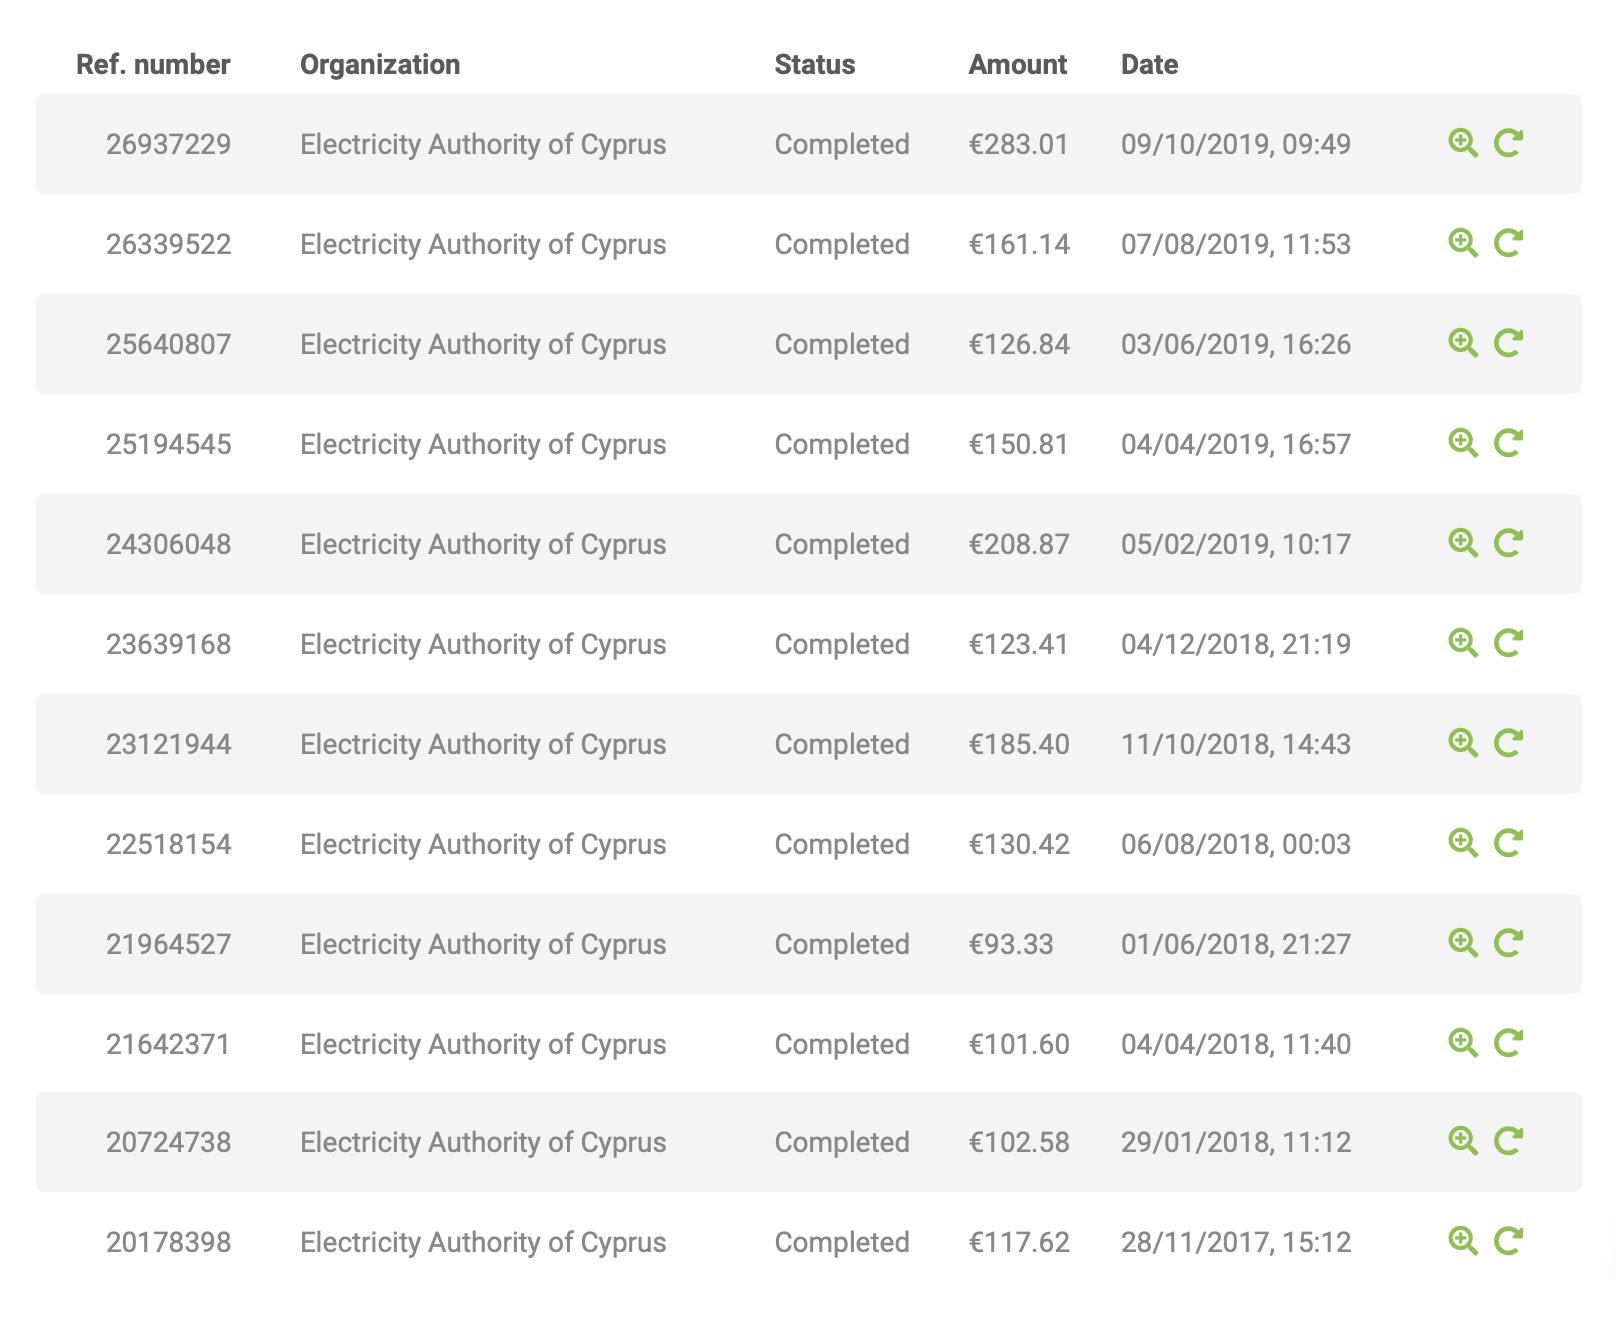 Многие счета можно оплачивать через сервис онлайн-платежей JCCsmart